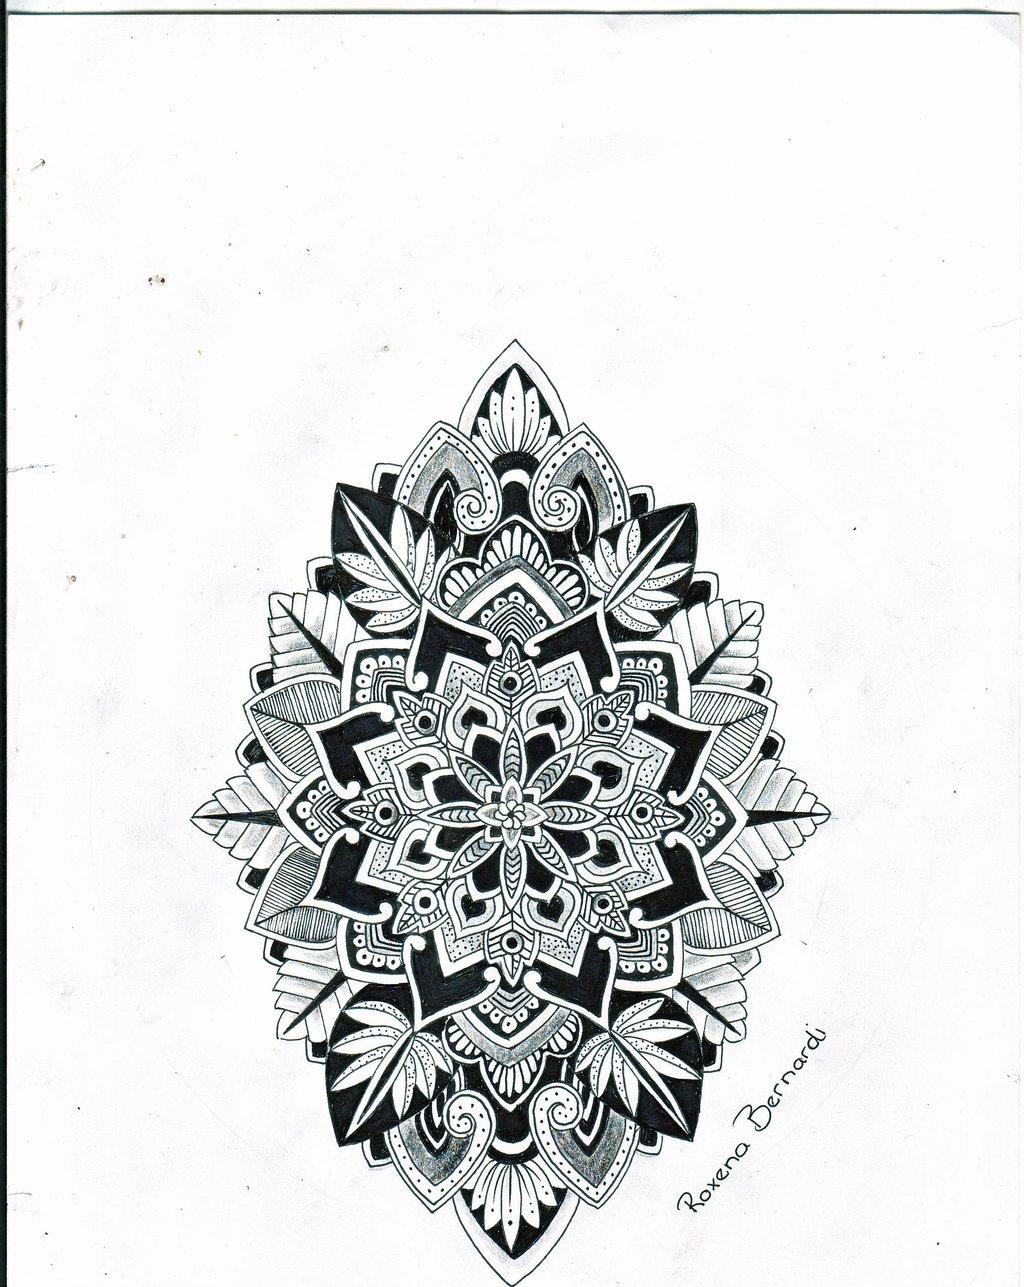 mandala flower tattoo design for men. Black Bedroom Furniture Sets. Home Design Ideas